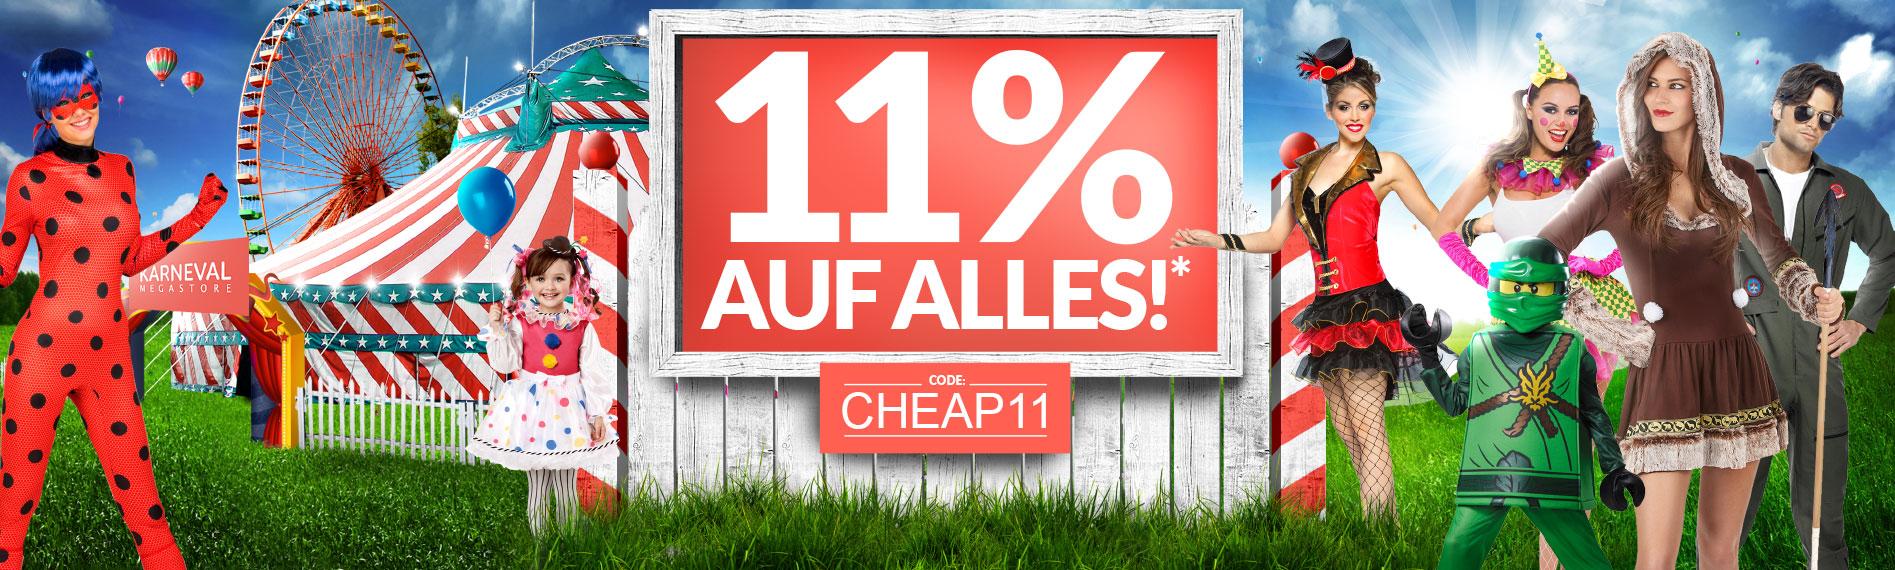 11% Rabatt